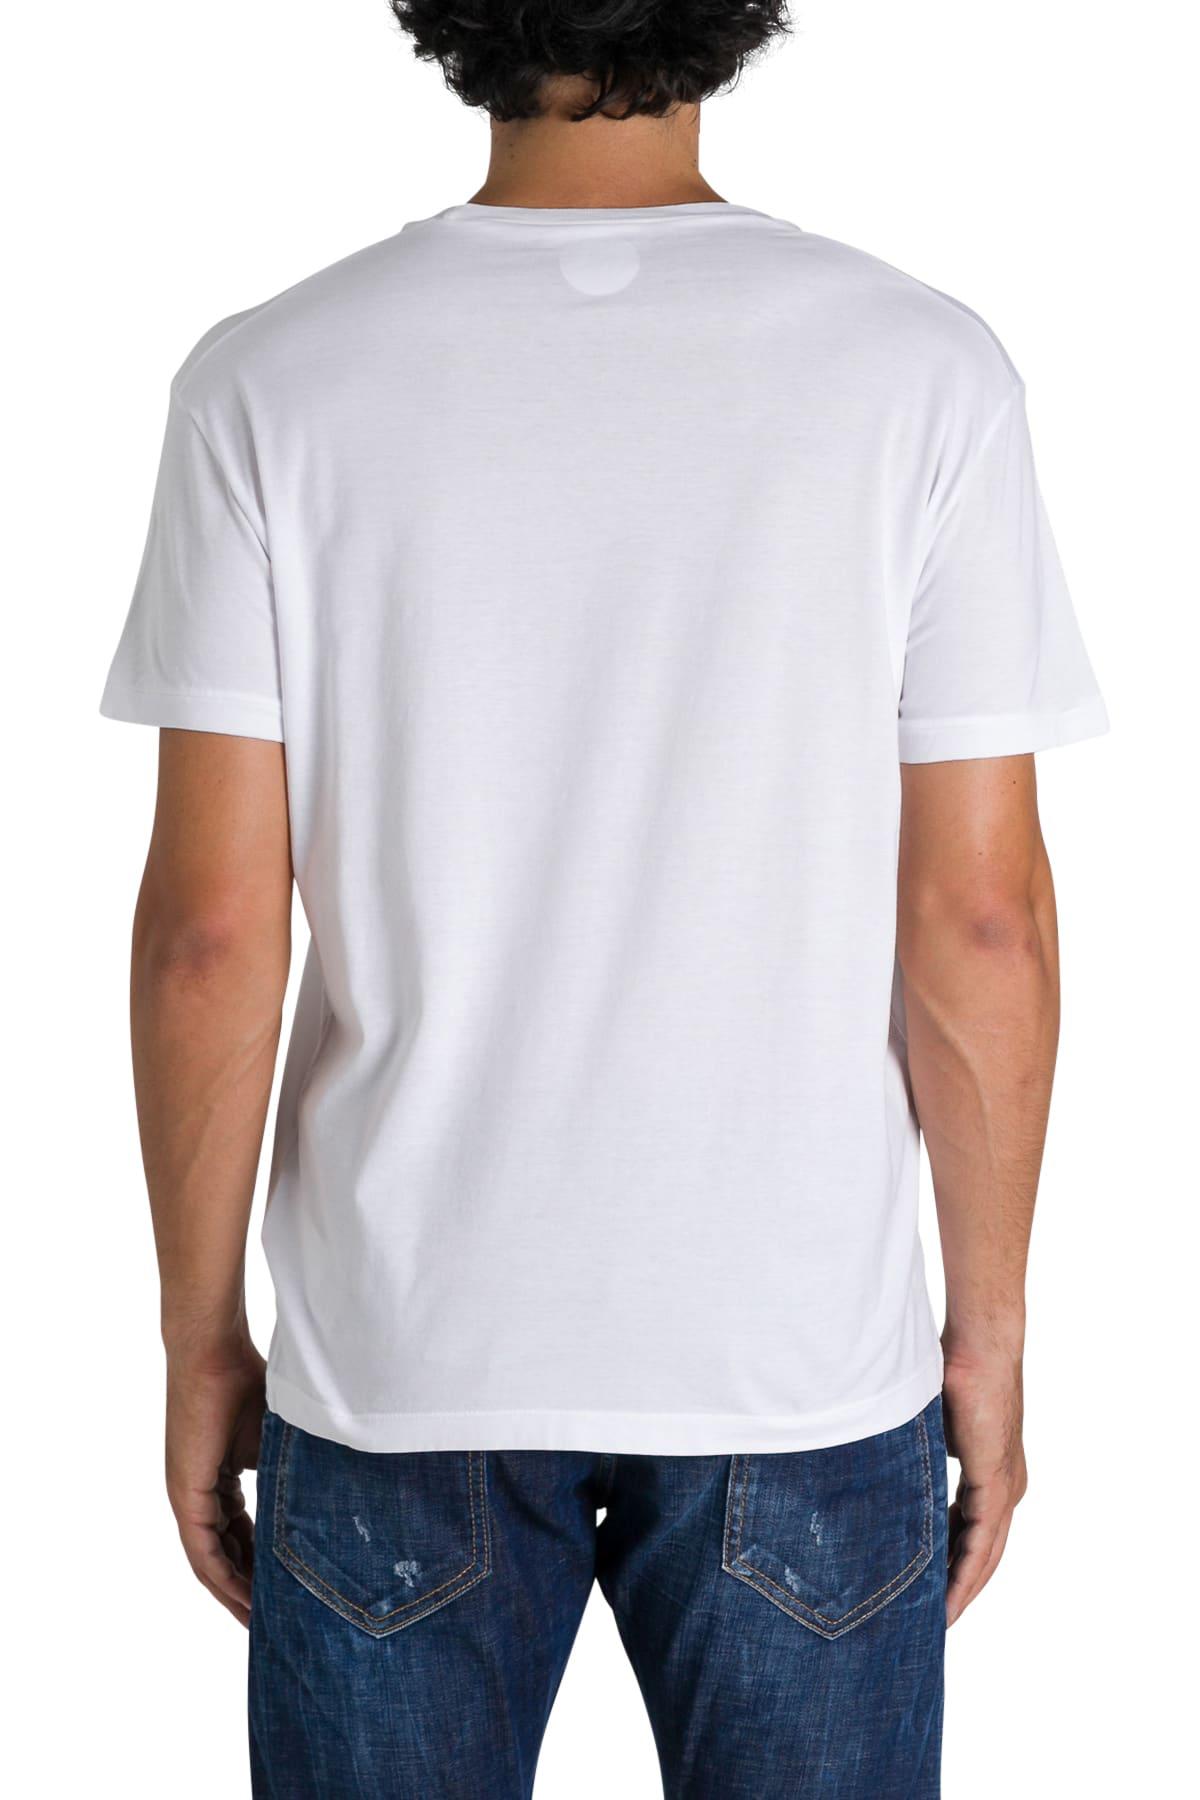 info for 8fff2 bee11 Dsquared2 T-shirt Girocollo A Maniche Corte Con Stampa Frontale